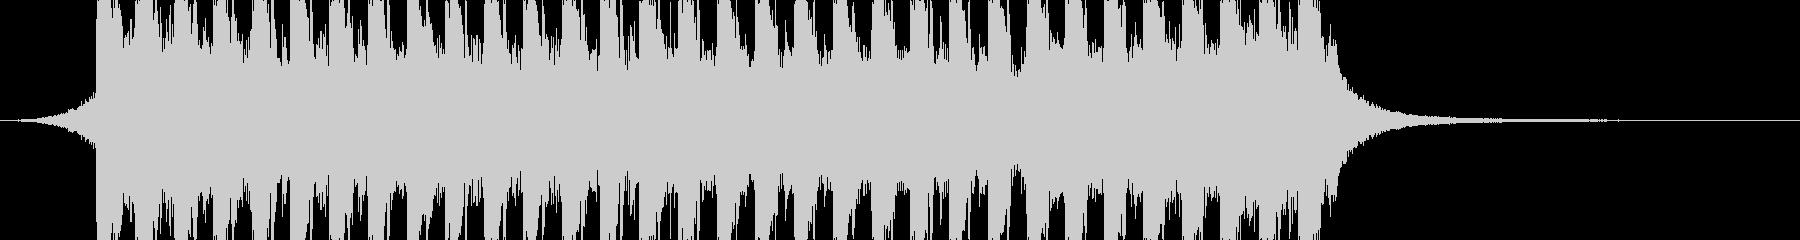 洋楽、夏らしいトロピカルハウス3、15秒の未再生の波形